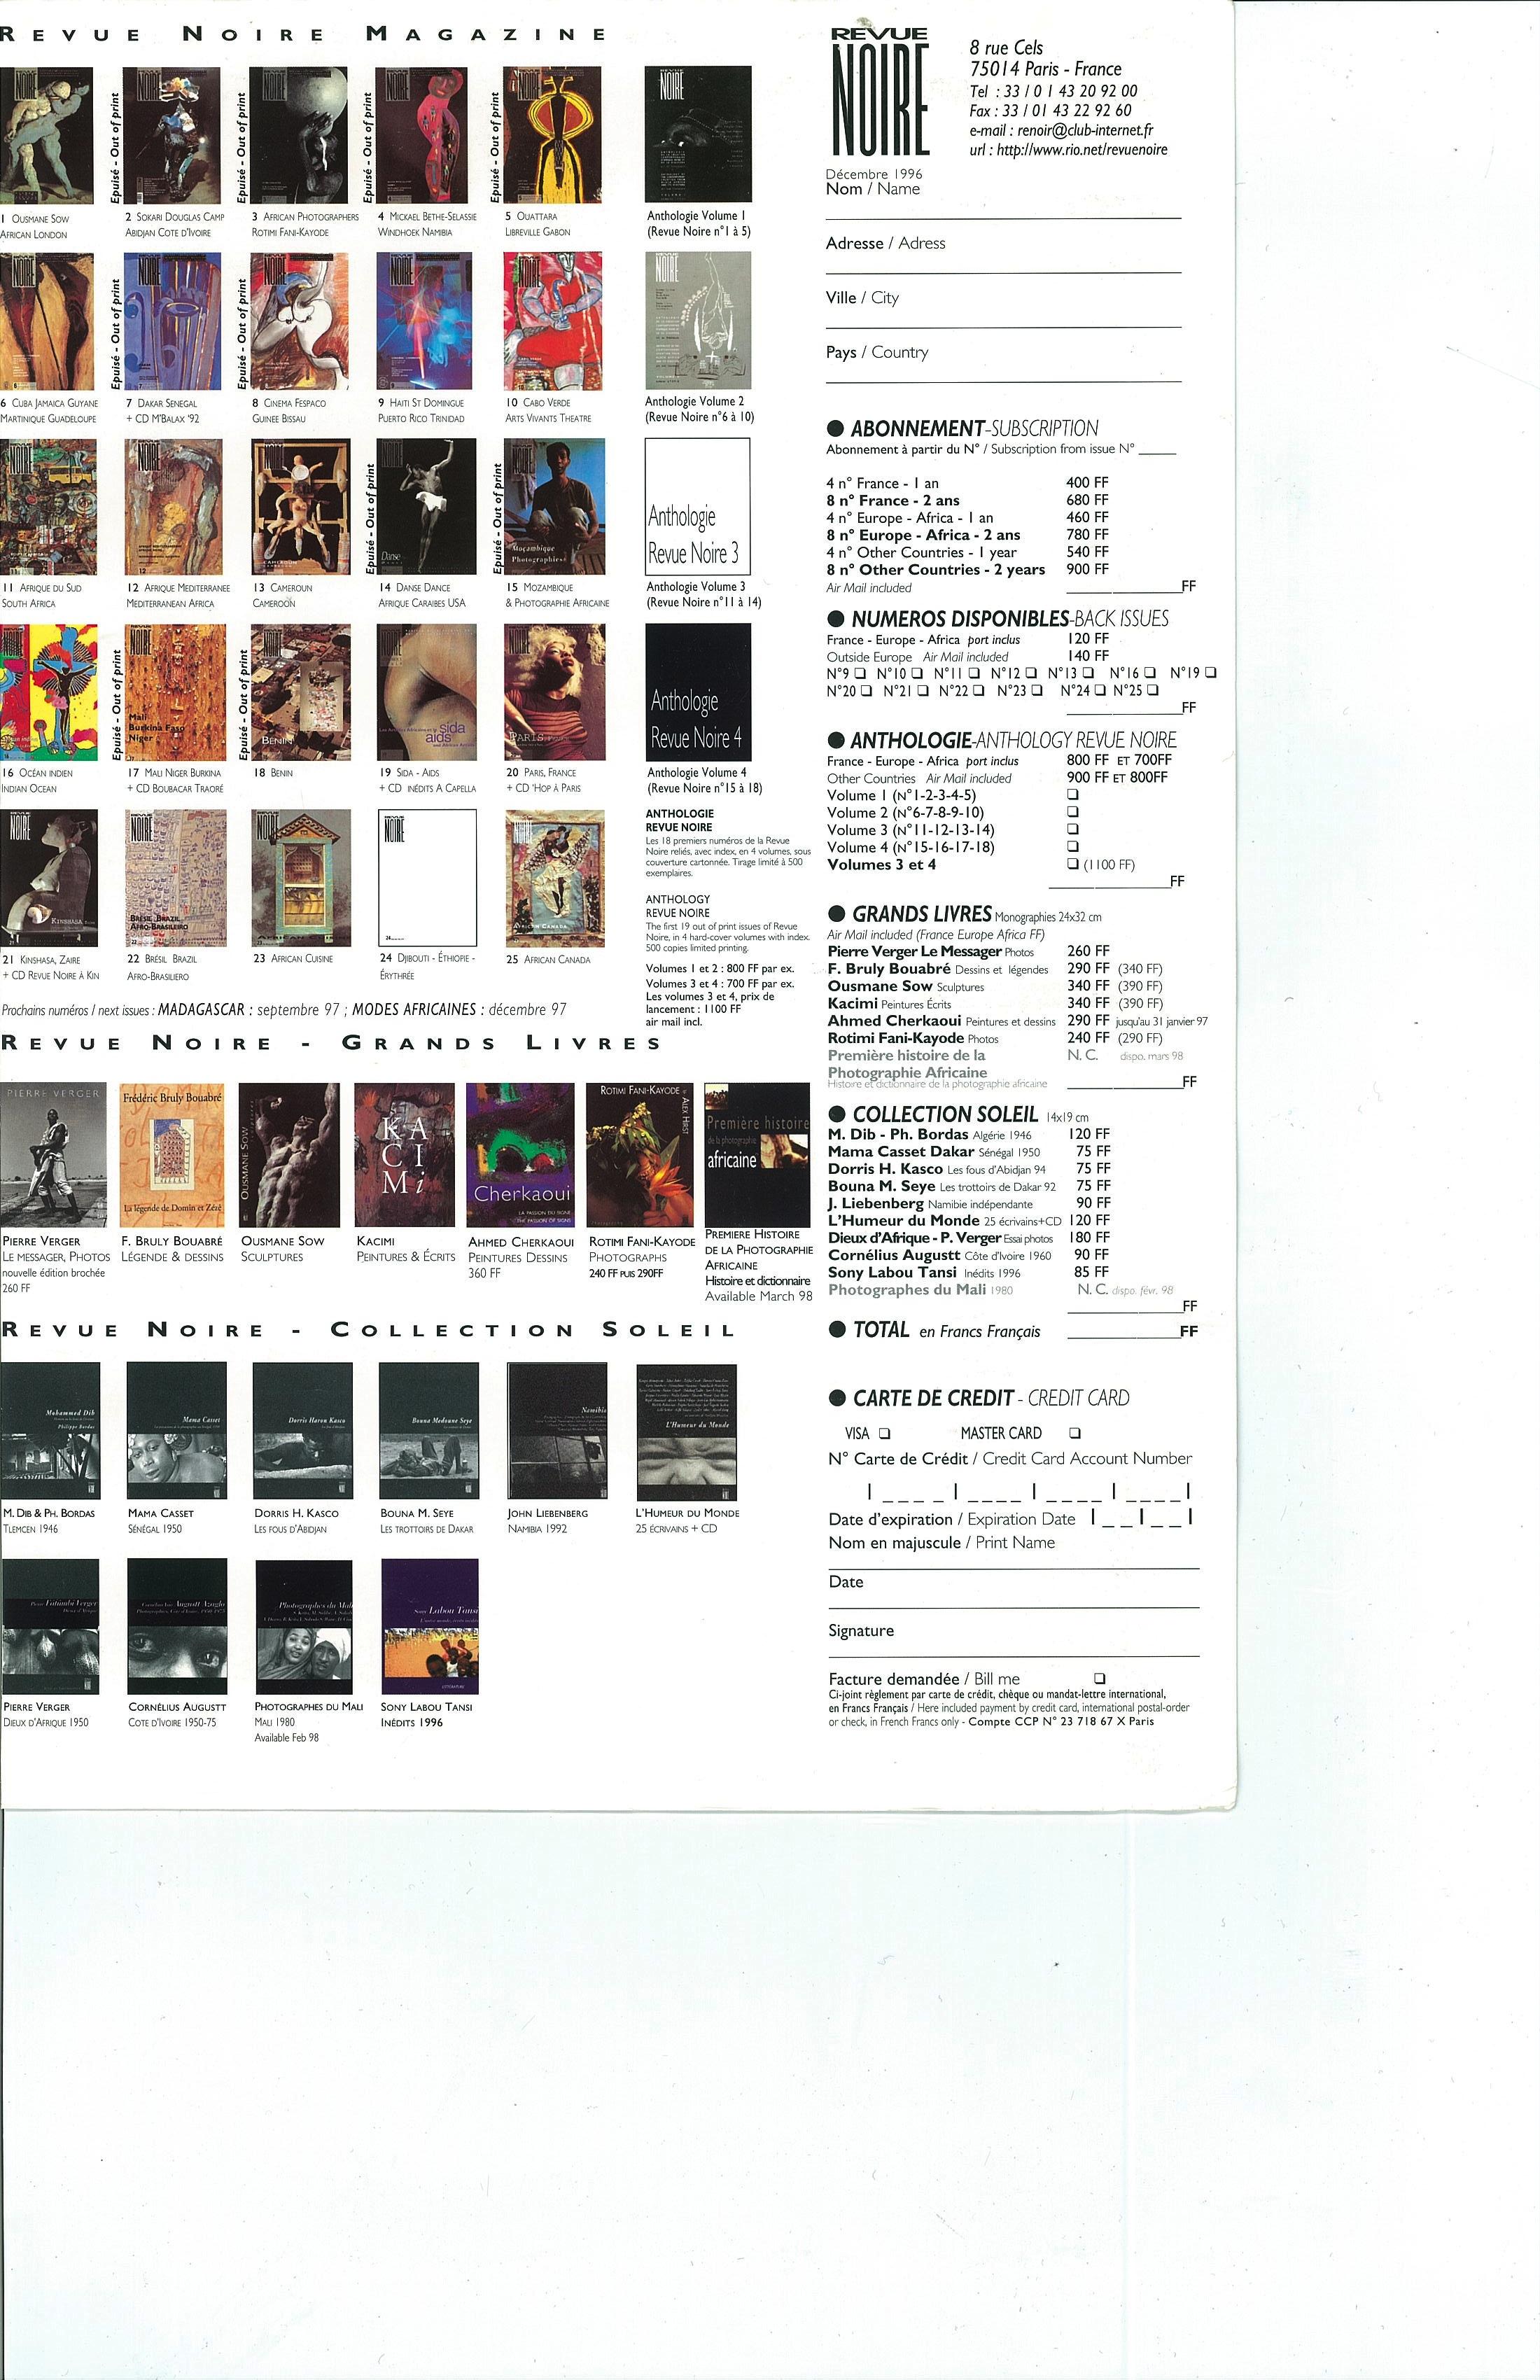 2. Revue Noire book_Page_099